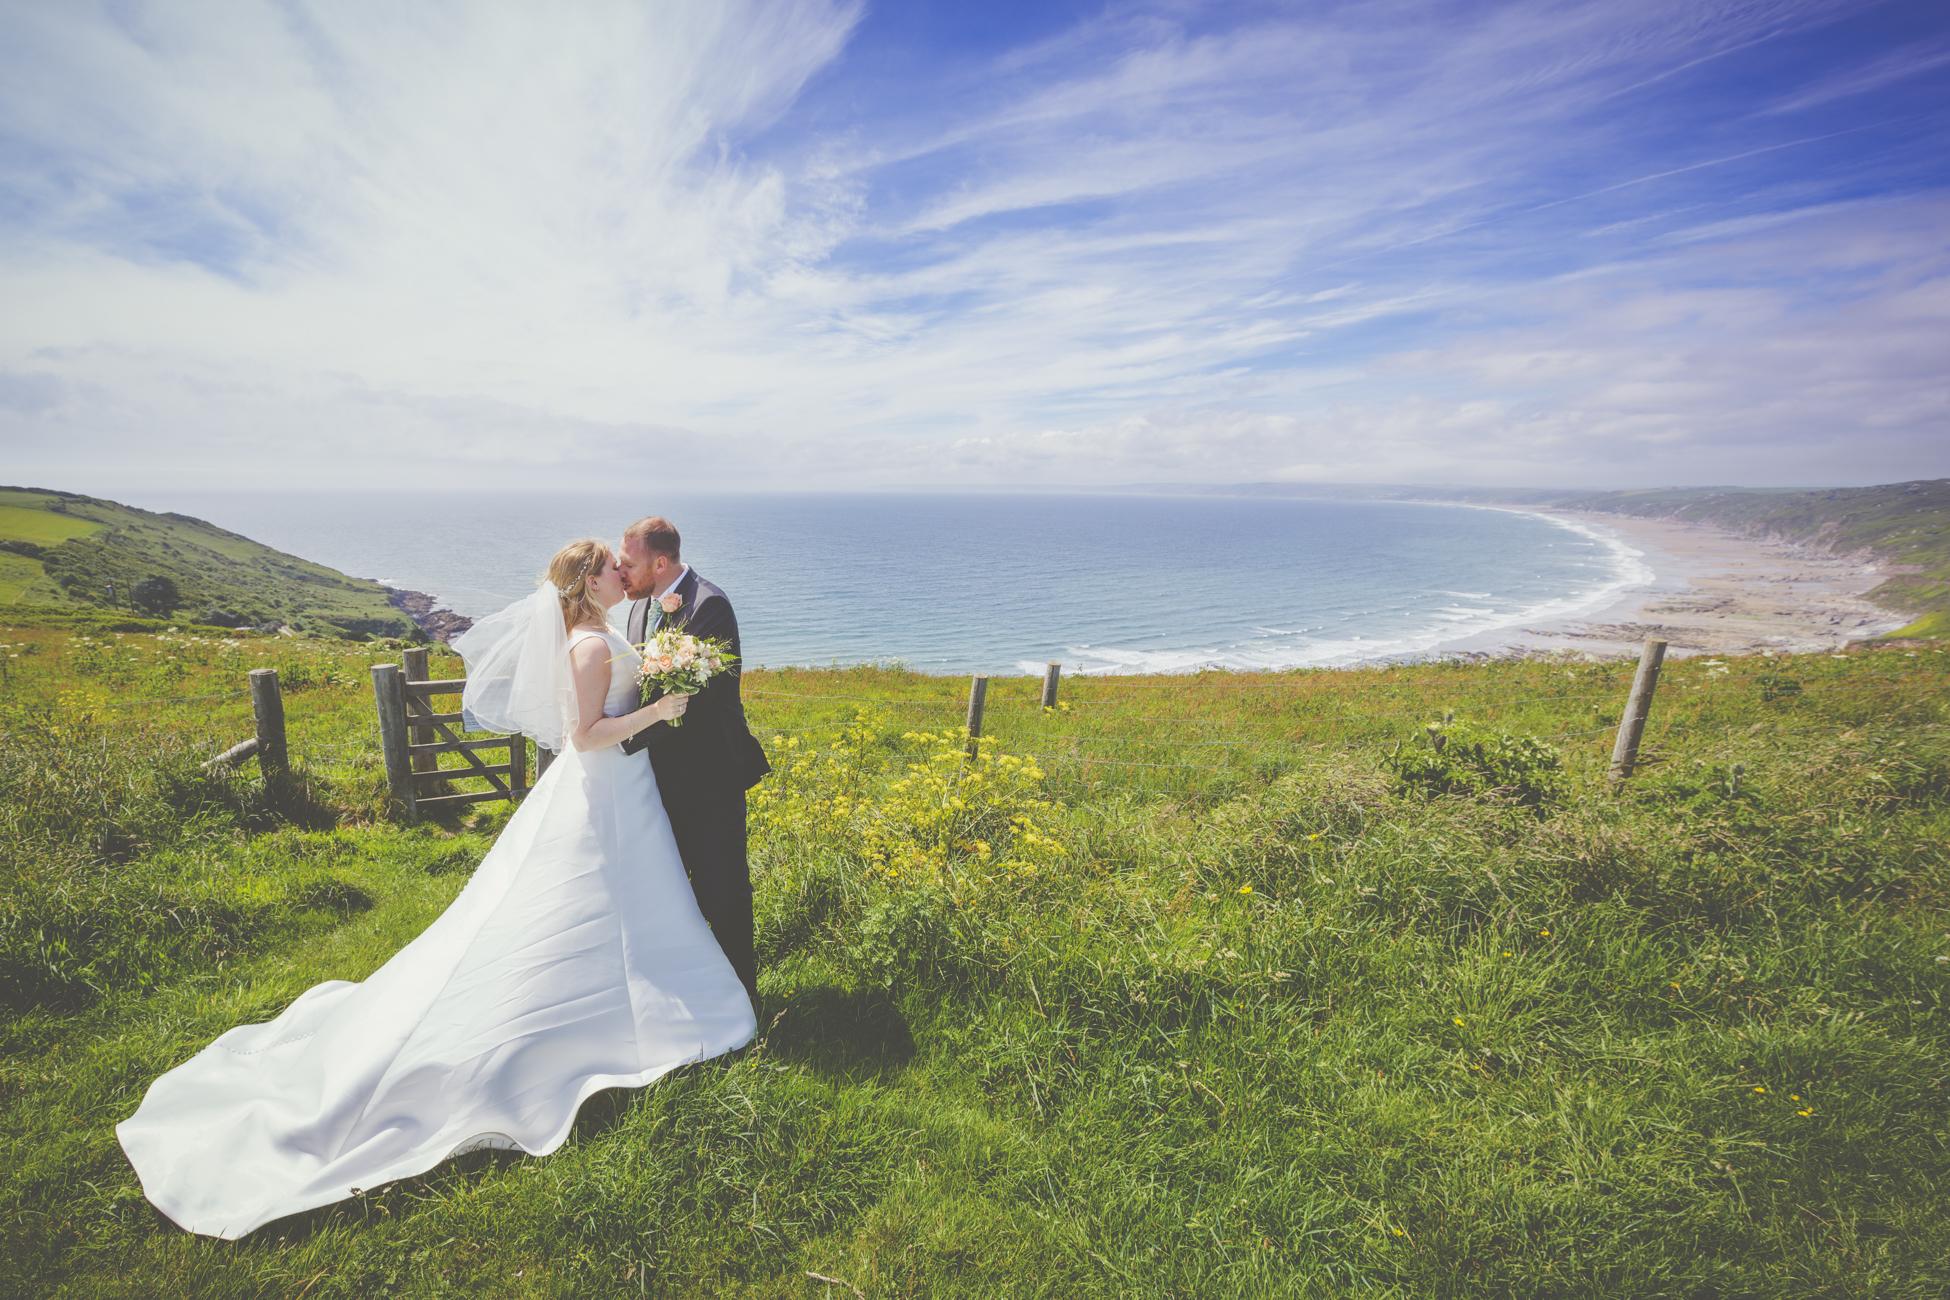 wedding photographer Cornwall, wedding photographer devon,wedding photographer Plymouth